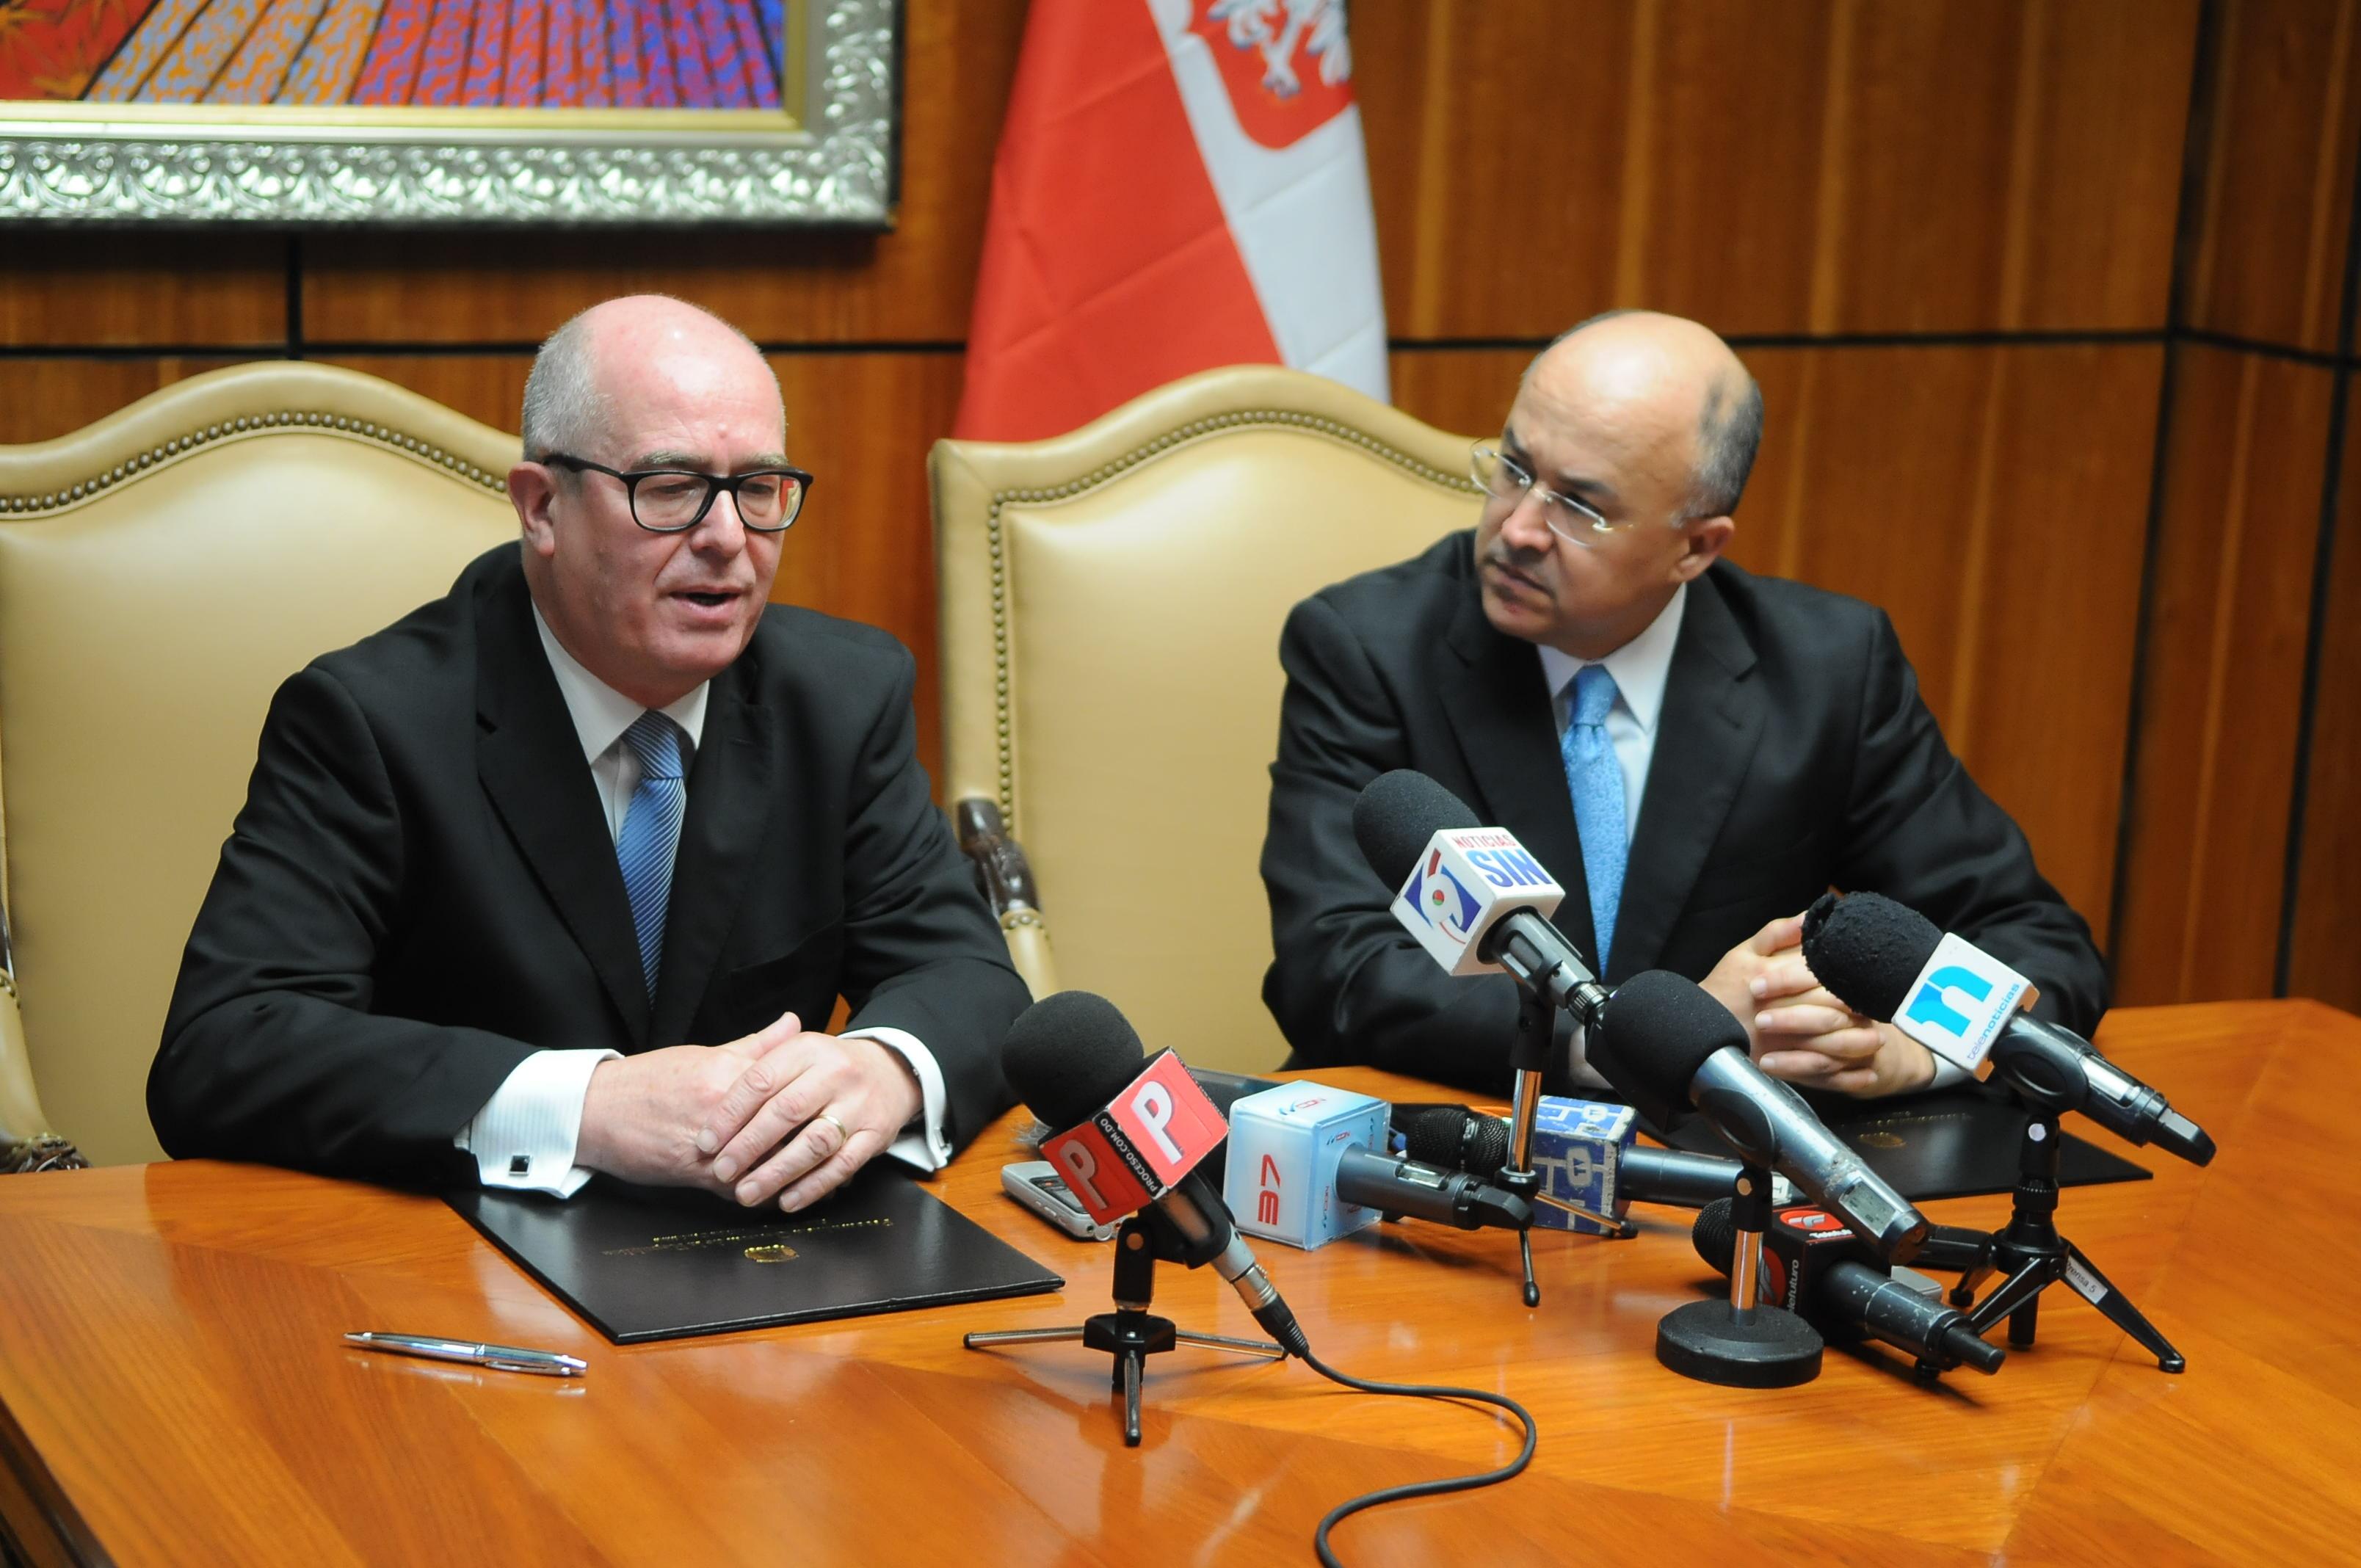 Procuradurías dominicana y polaca firman memorándum de cooperación jurídica